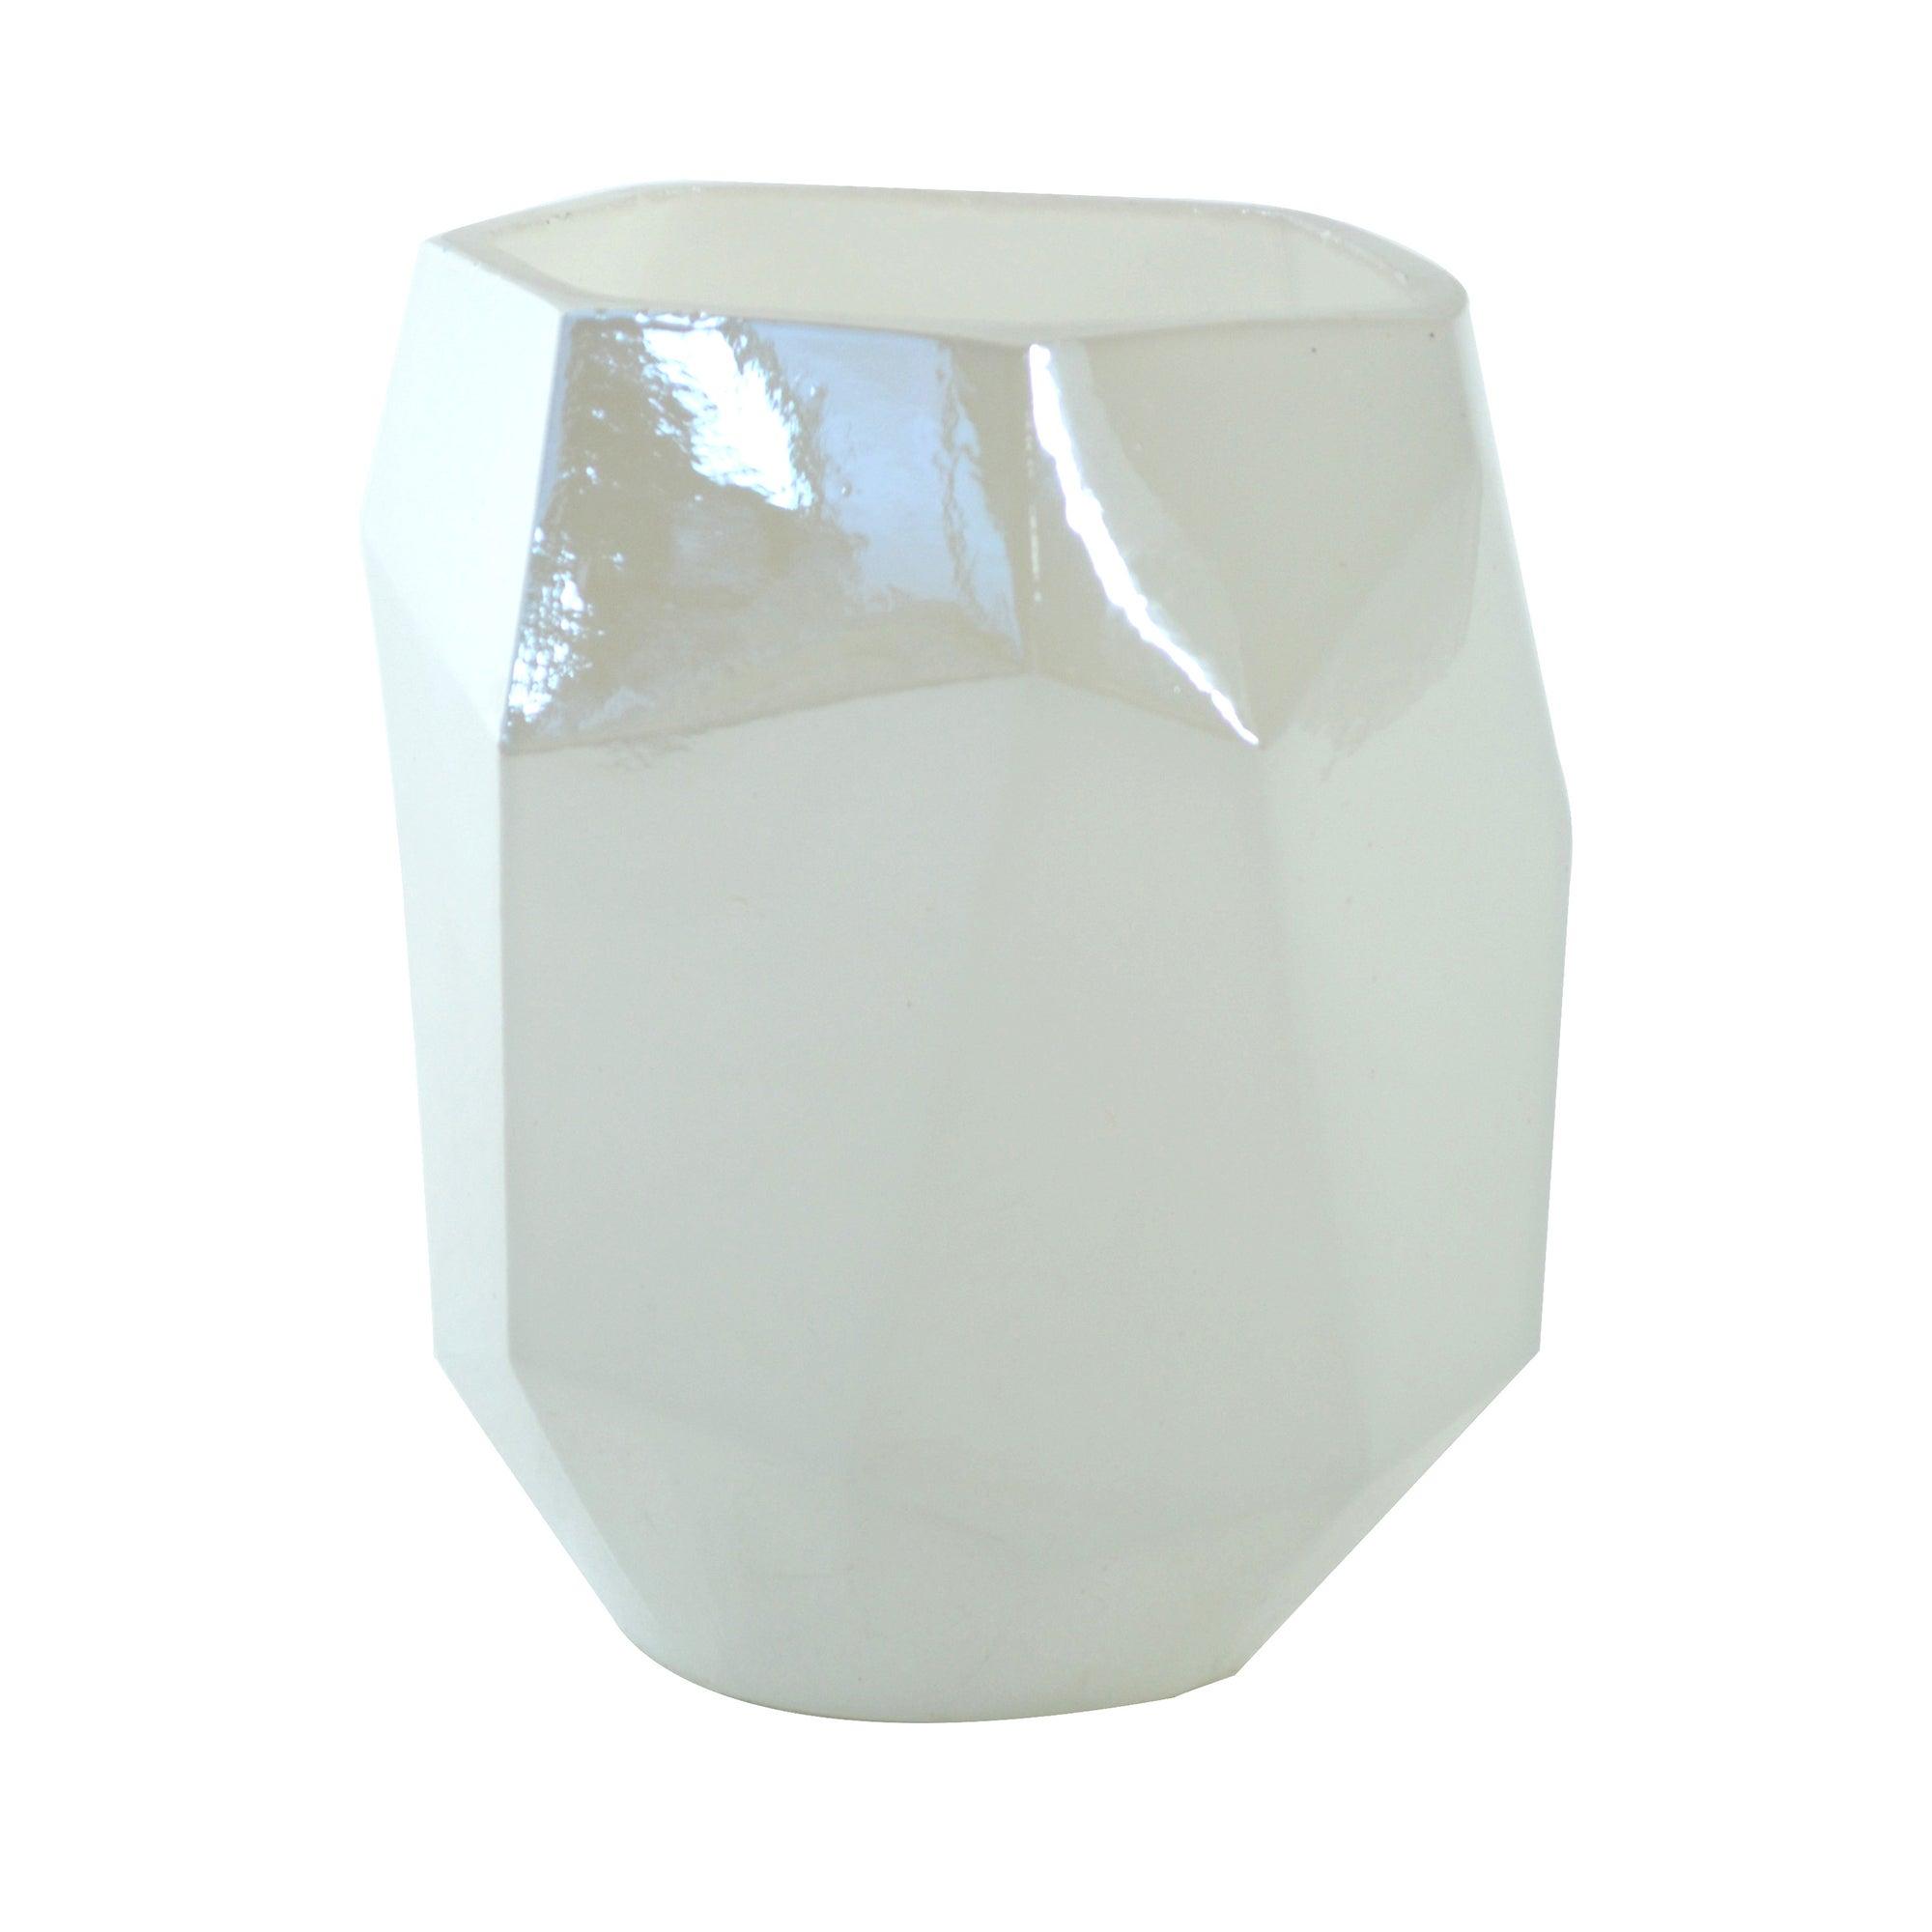 Photo of Geo lustre glass votive holder white